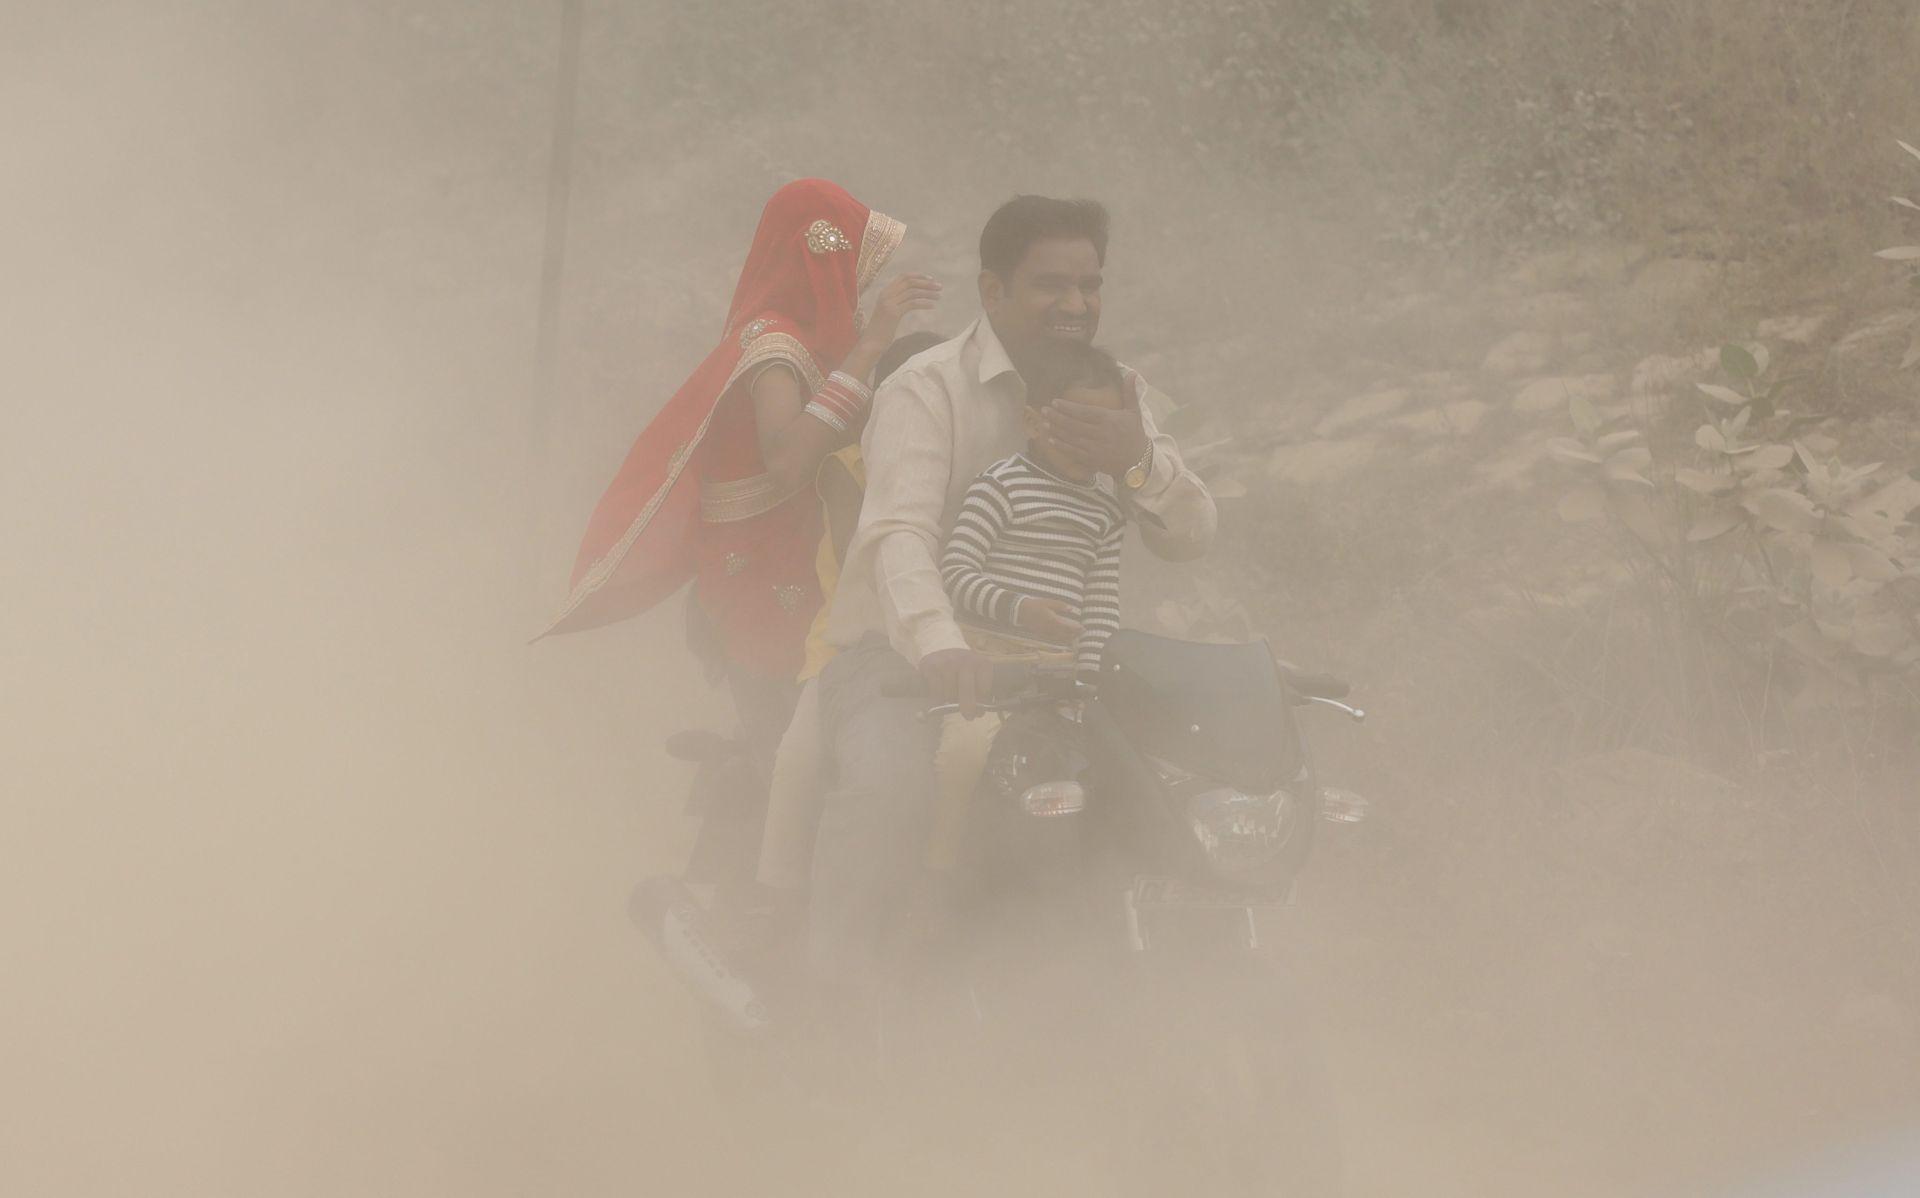 ZAGAĐENJE ZRAKA: New Delhi provodi mjere protiv smoga